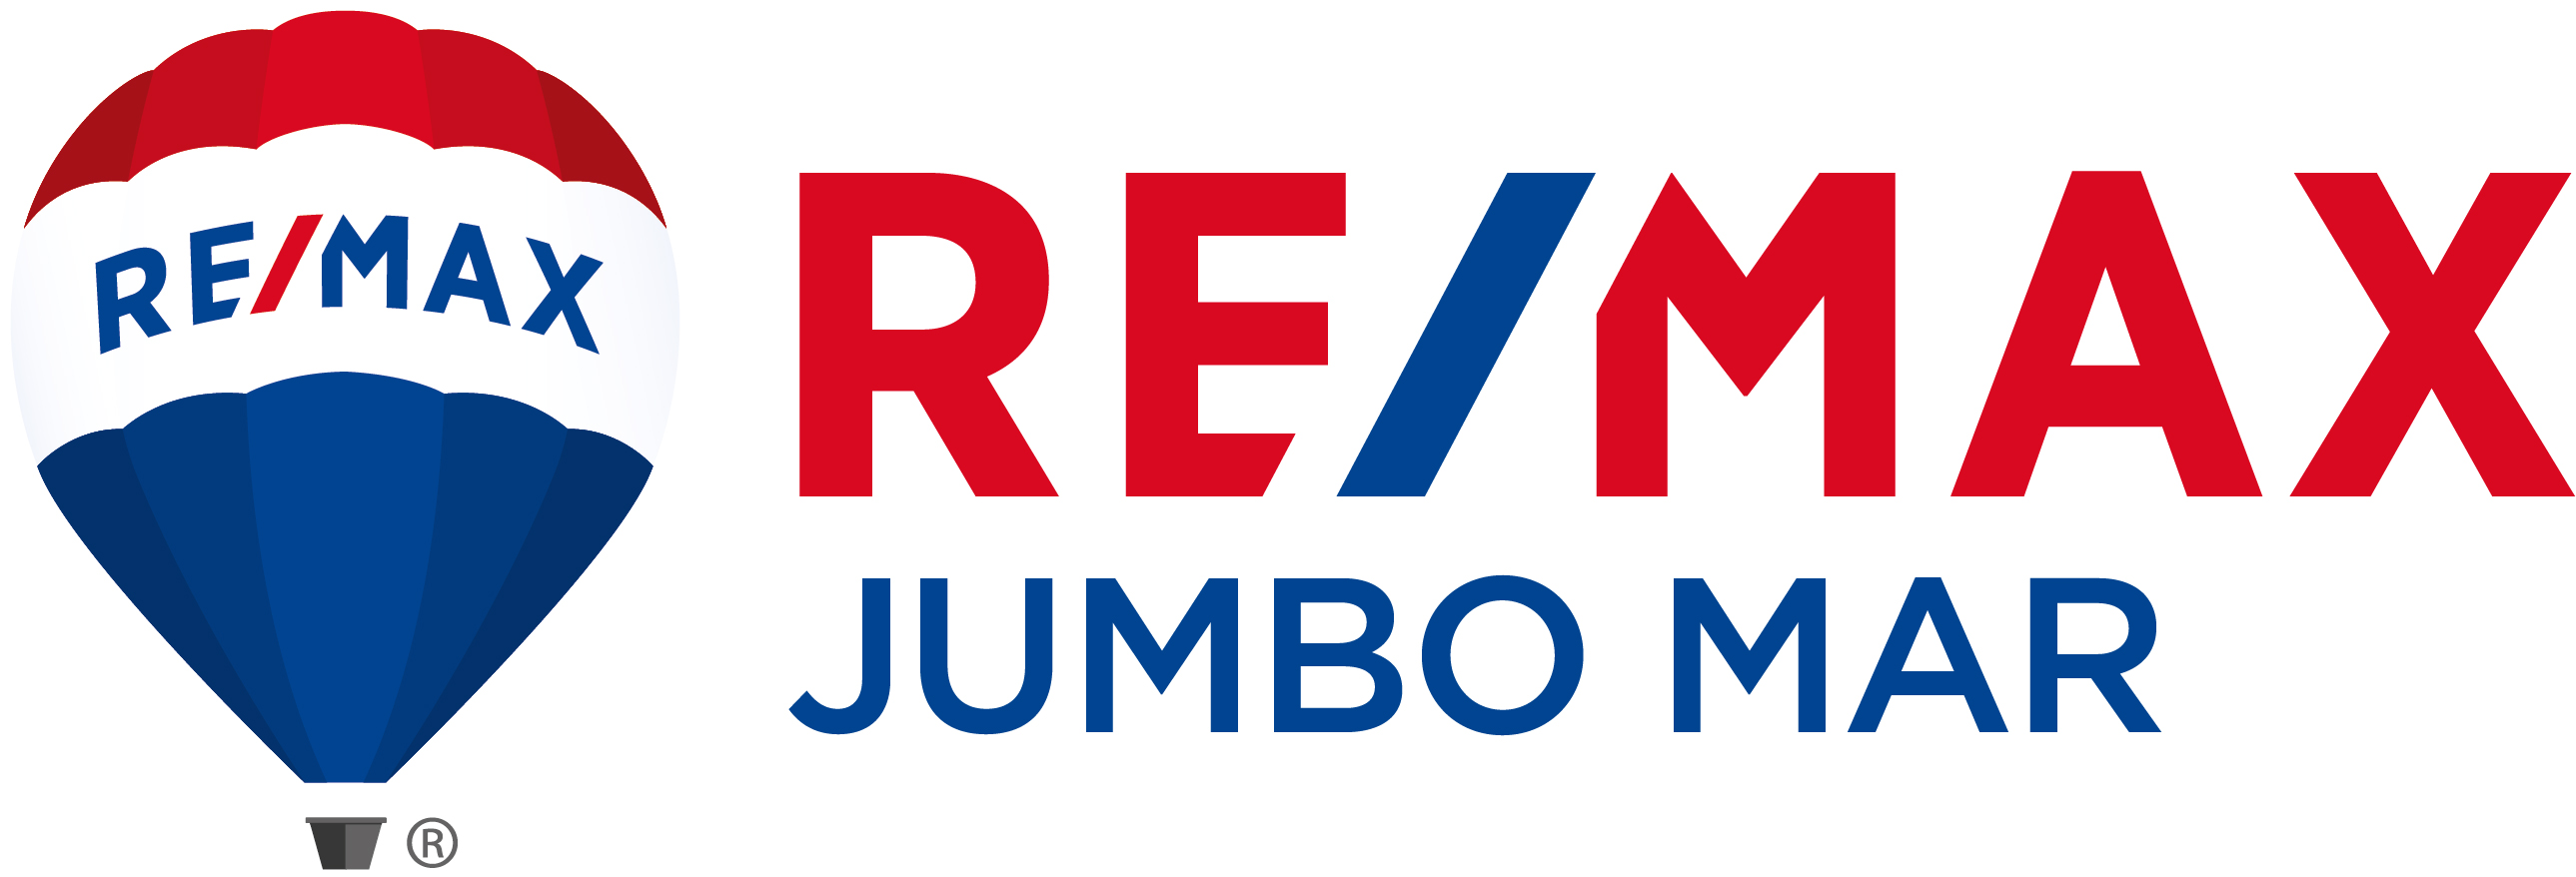 RE/MAX Jumbo Mar